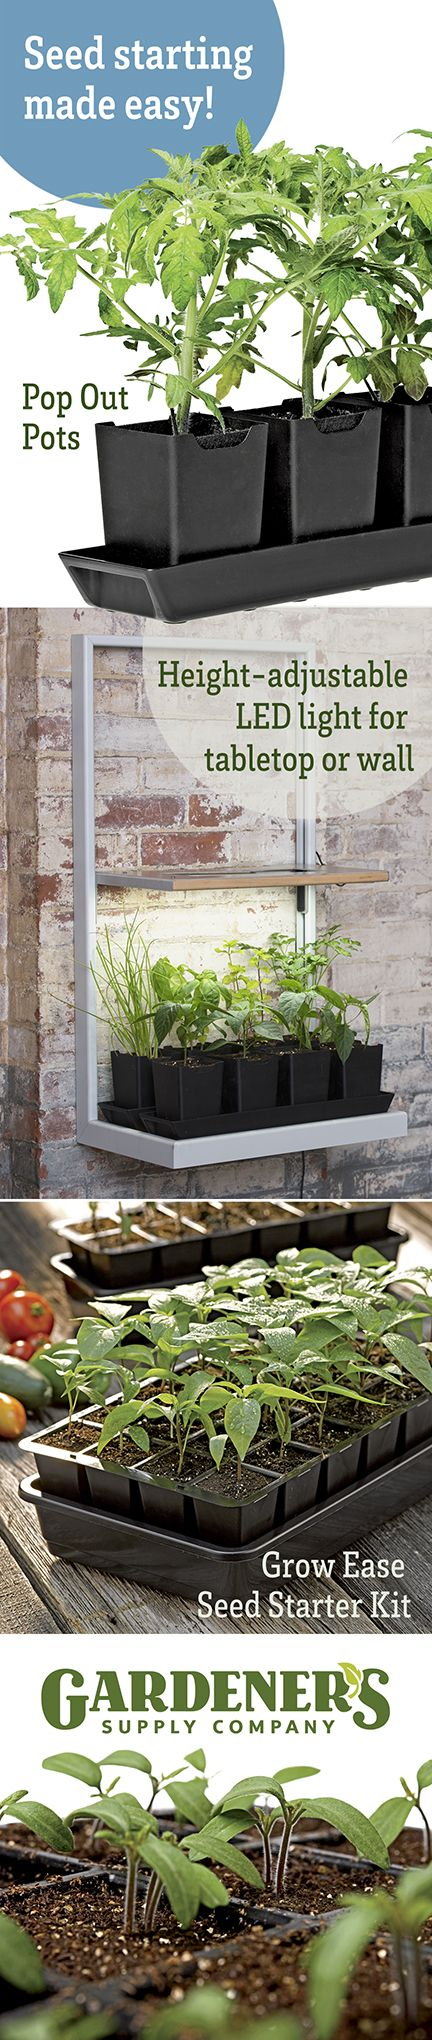 Indoor Gardening Supplies